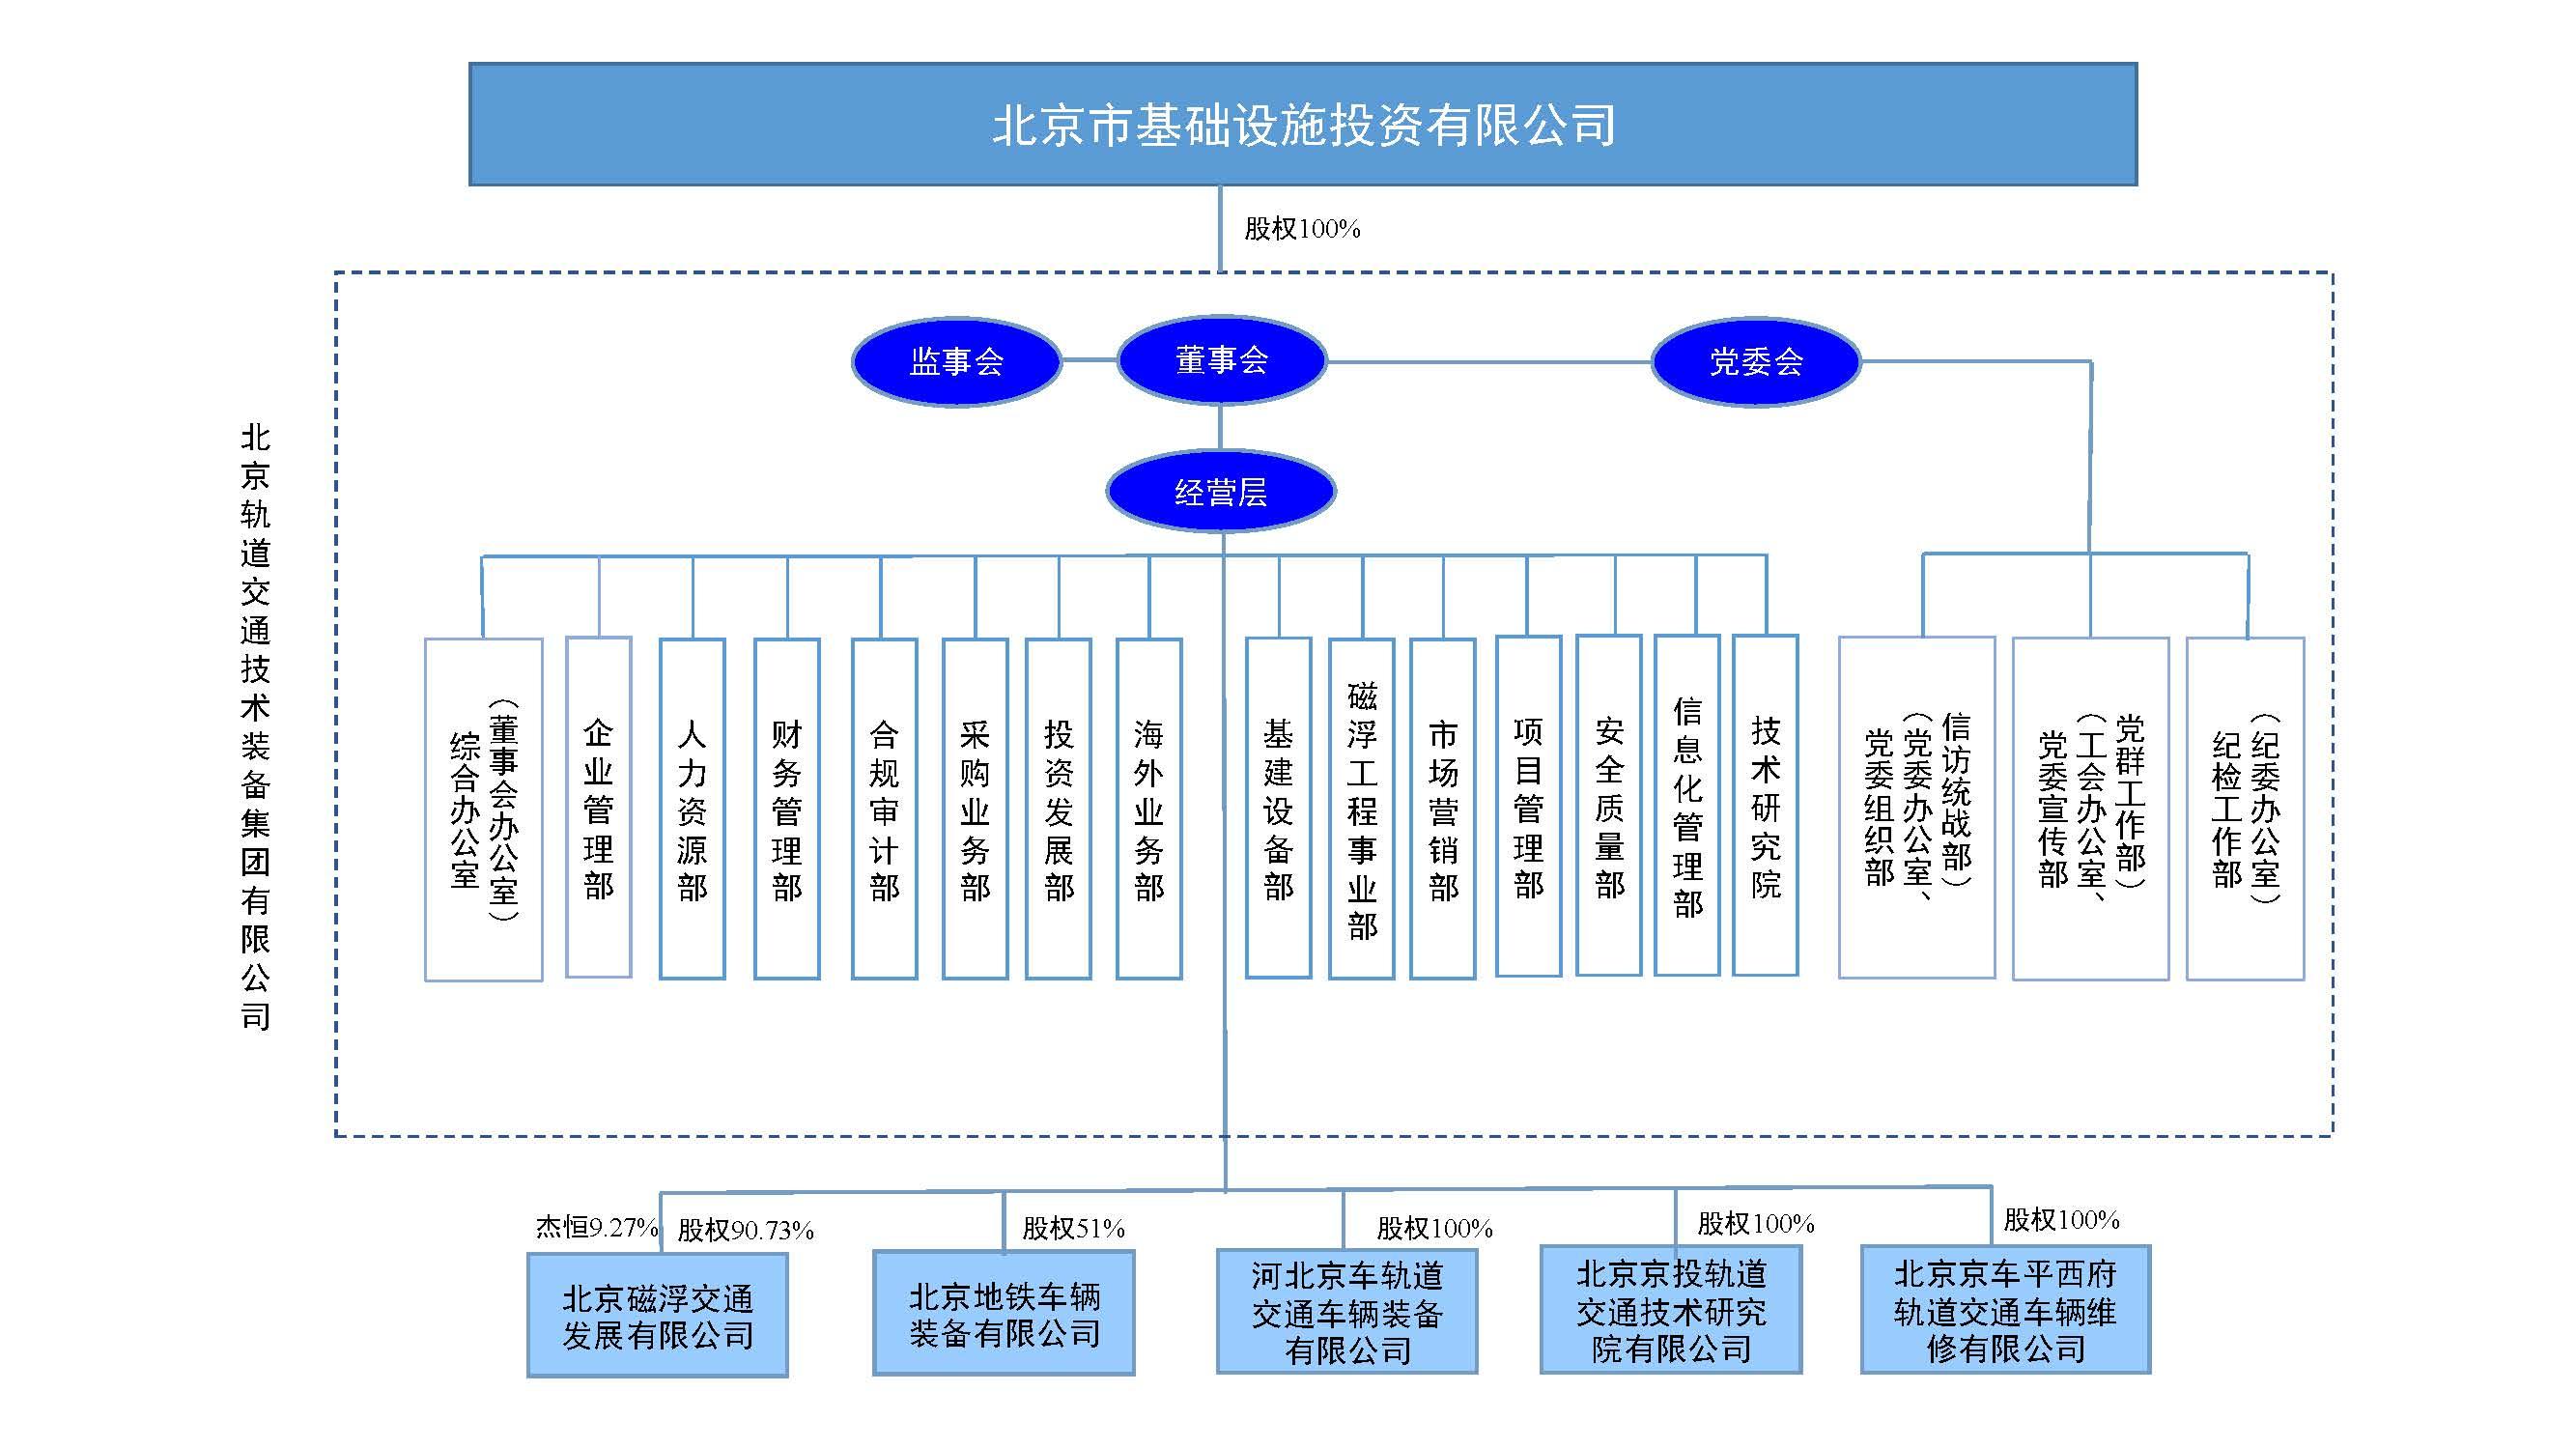 组织结构图--20201217(1).jpg